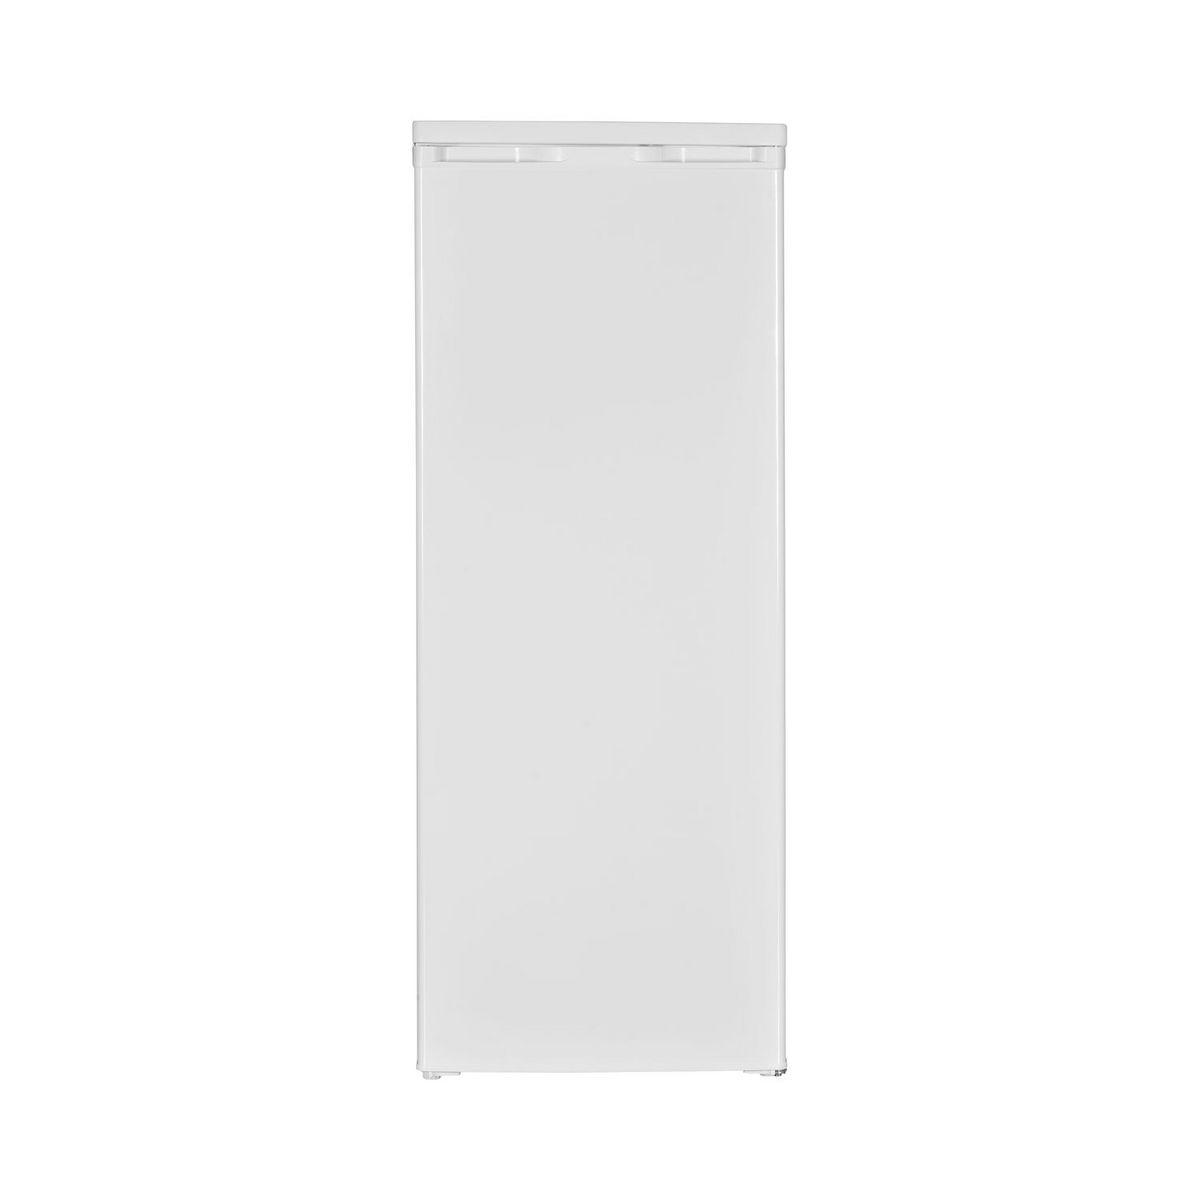 Réfrigérateur armoire 154592, 240 L, Froid statique